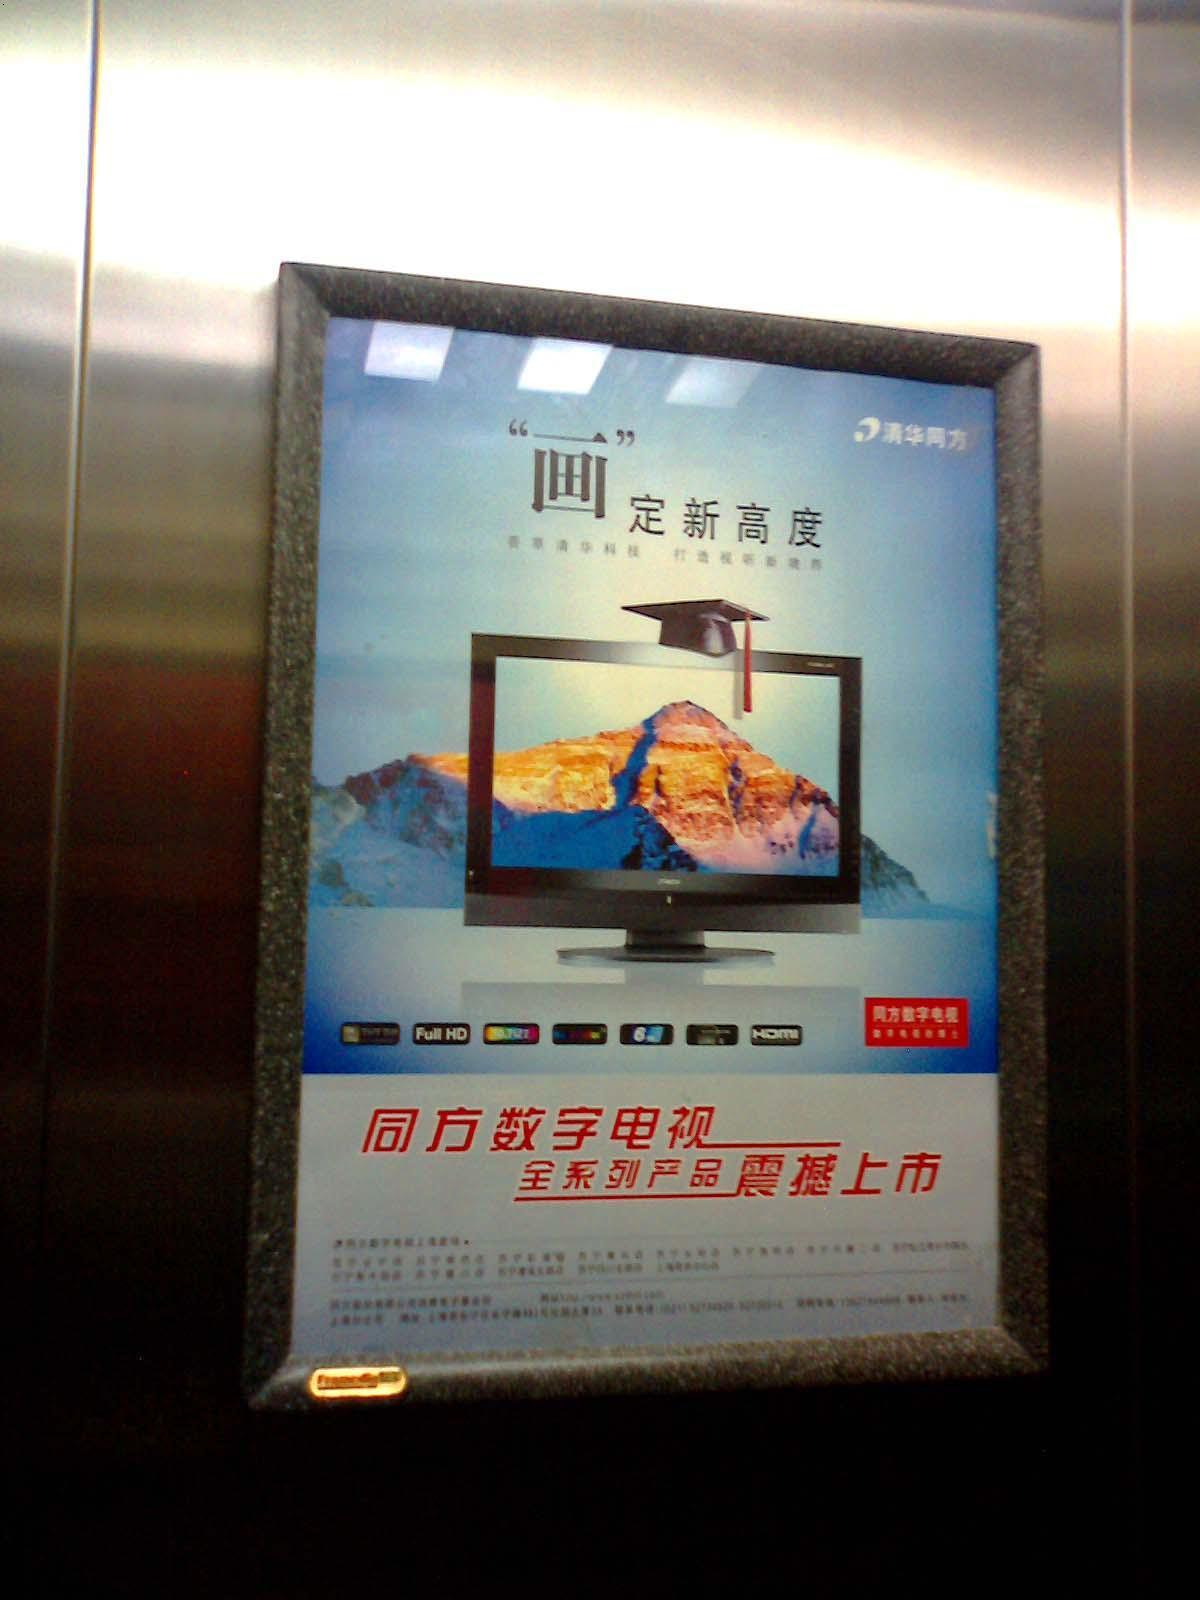 分众传媒(济南分公司)——中国最大的数字